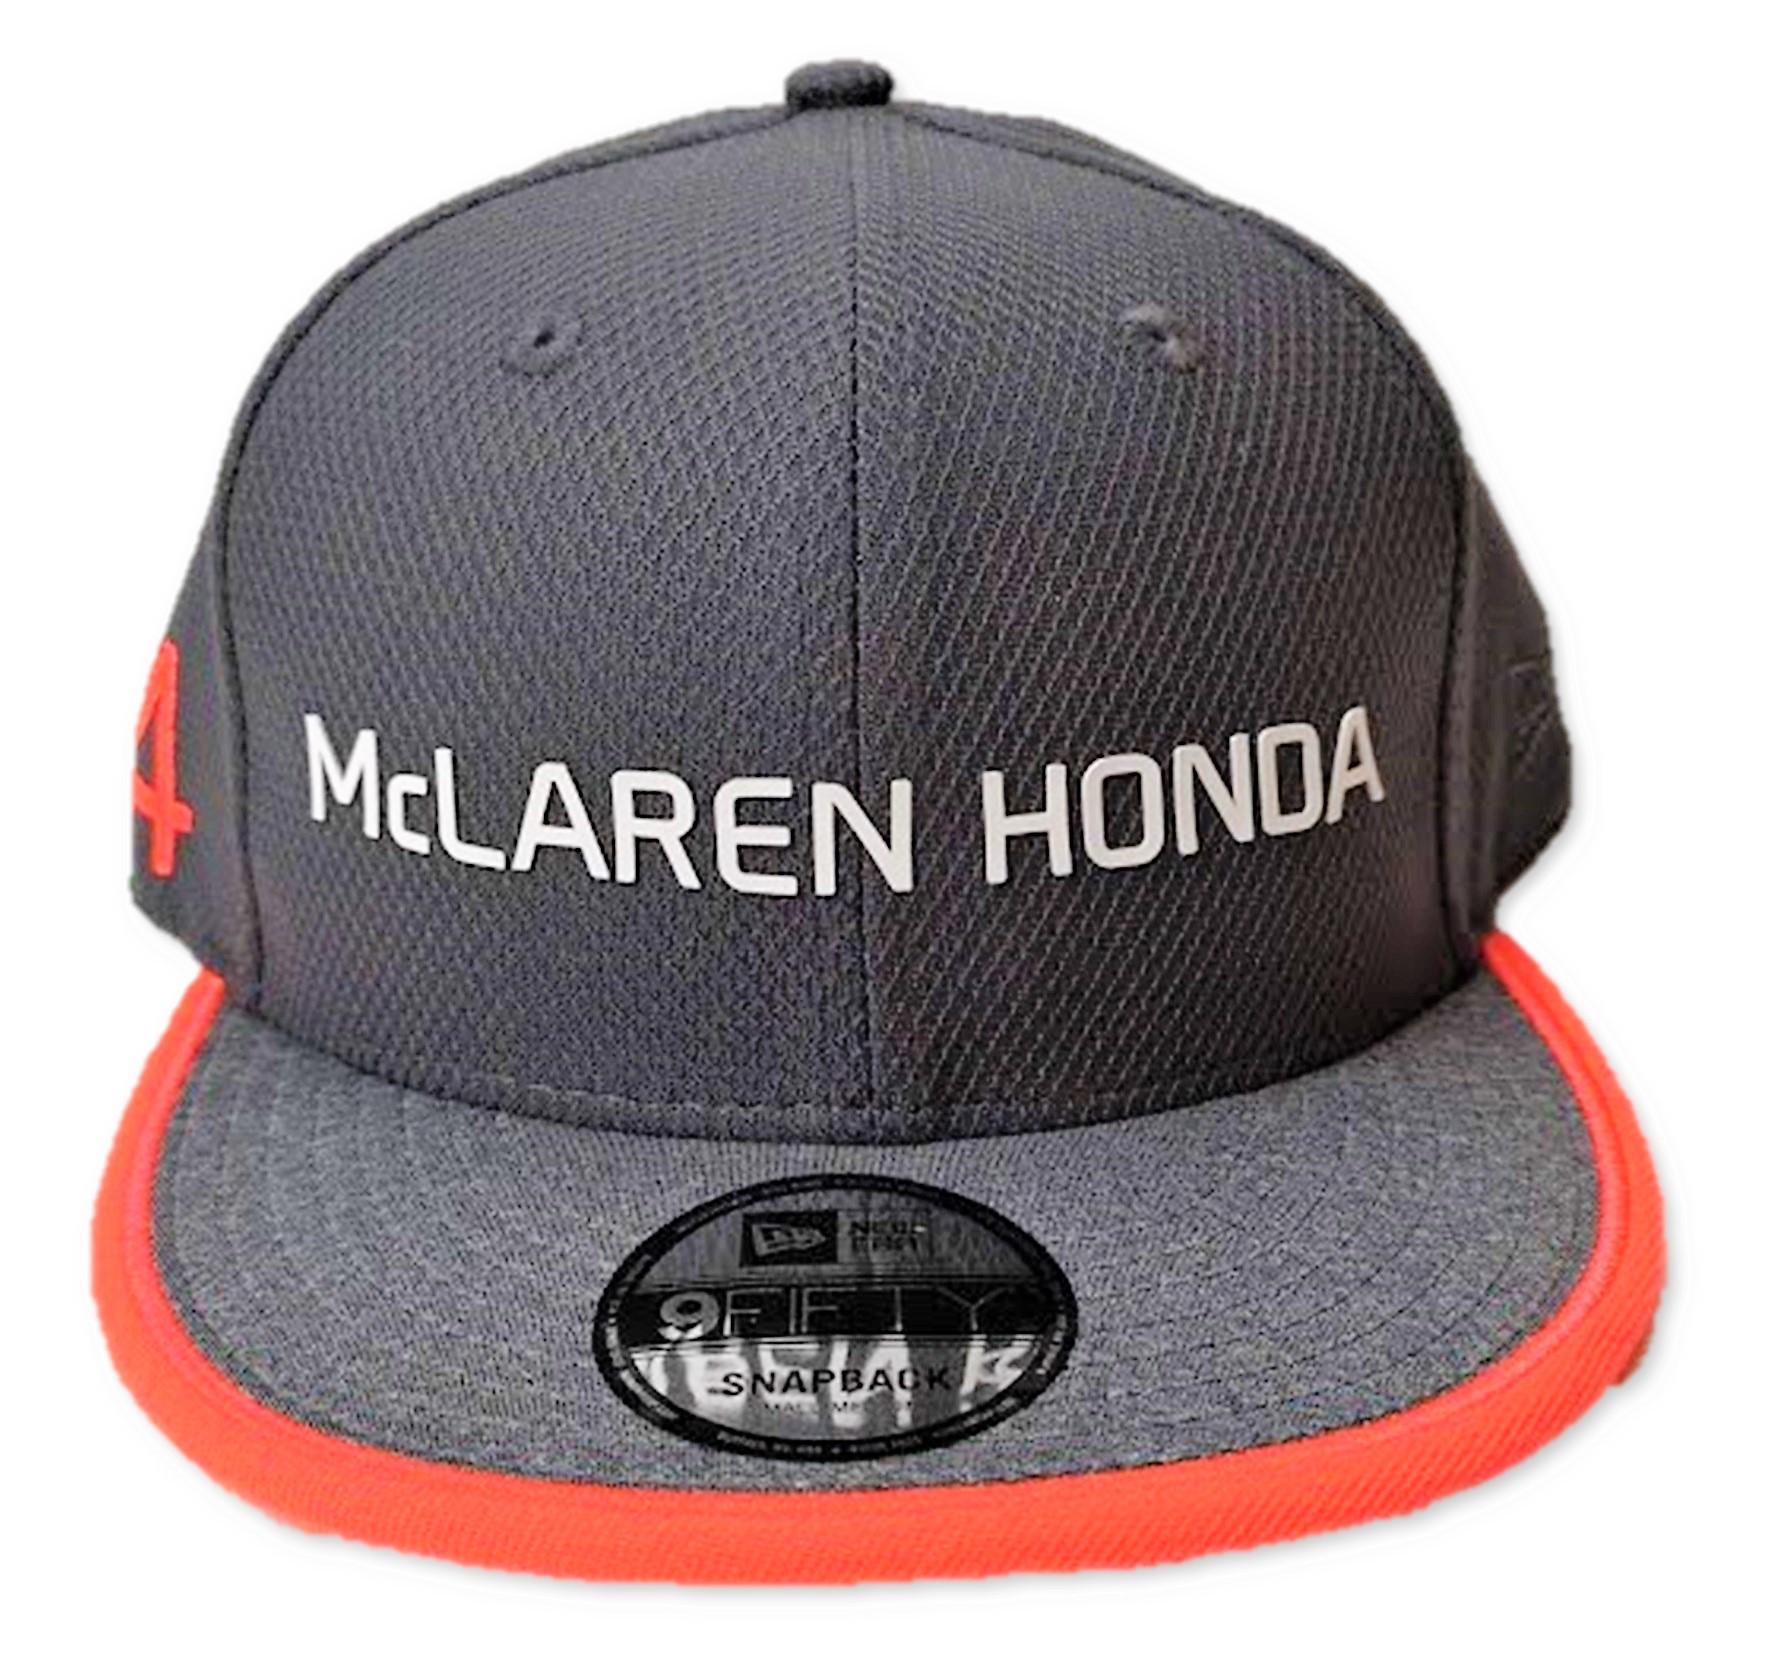 Nuestro precio con envío GRATUITO a España  €23.99. DESCRIPCIÓN DEL  ARTÍCULO. Fernando Alonso 2017 McLaren Snapback gorra ... 91b808059da